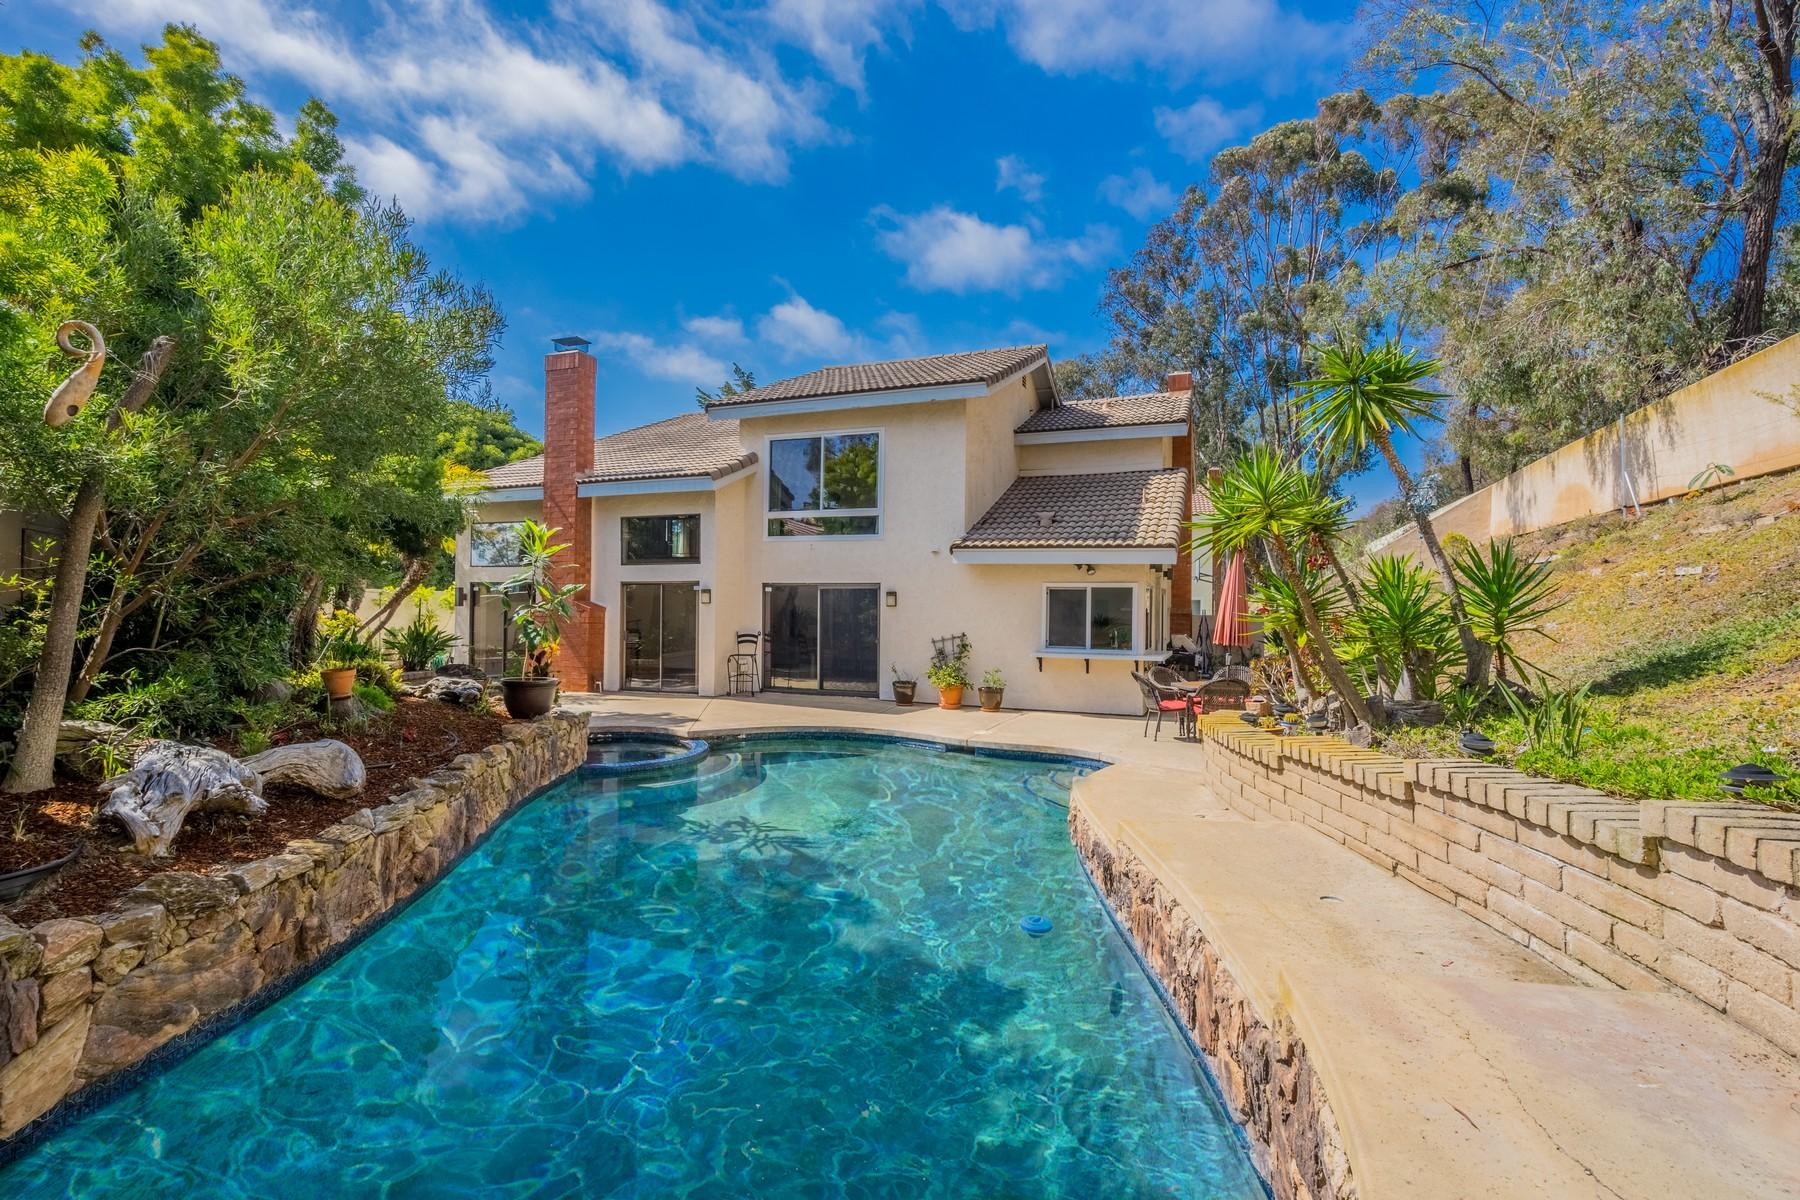 Maison unifamiliale pour l Vente à 8317 Caminito Helecho La Jolla, Californie, 92037 États-Unis